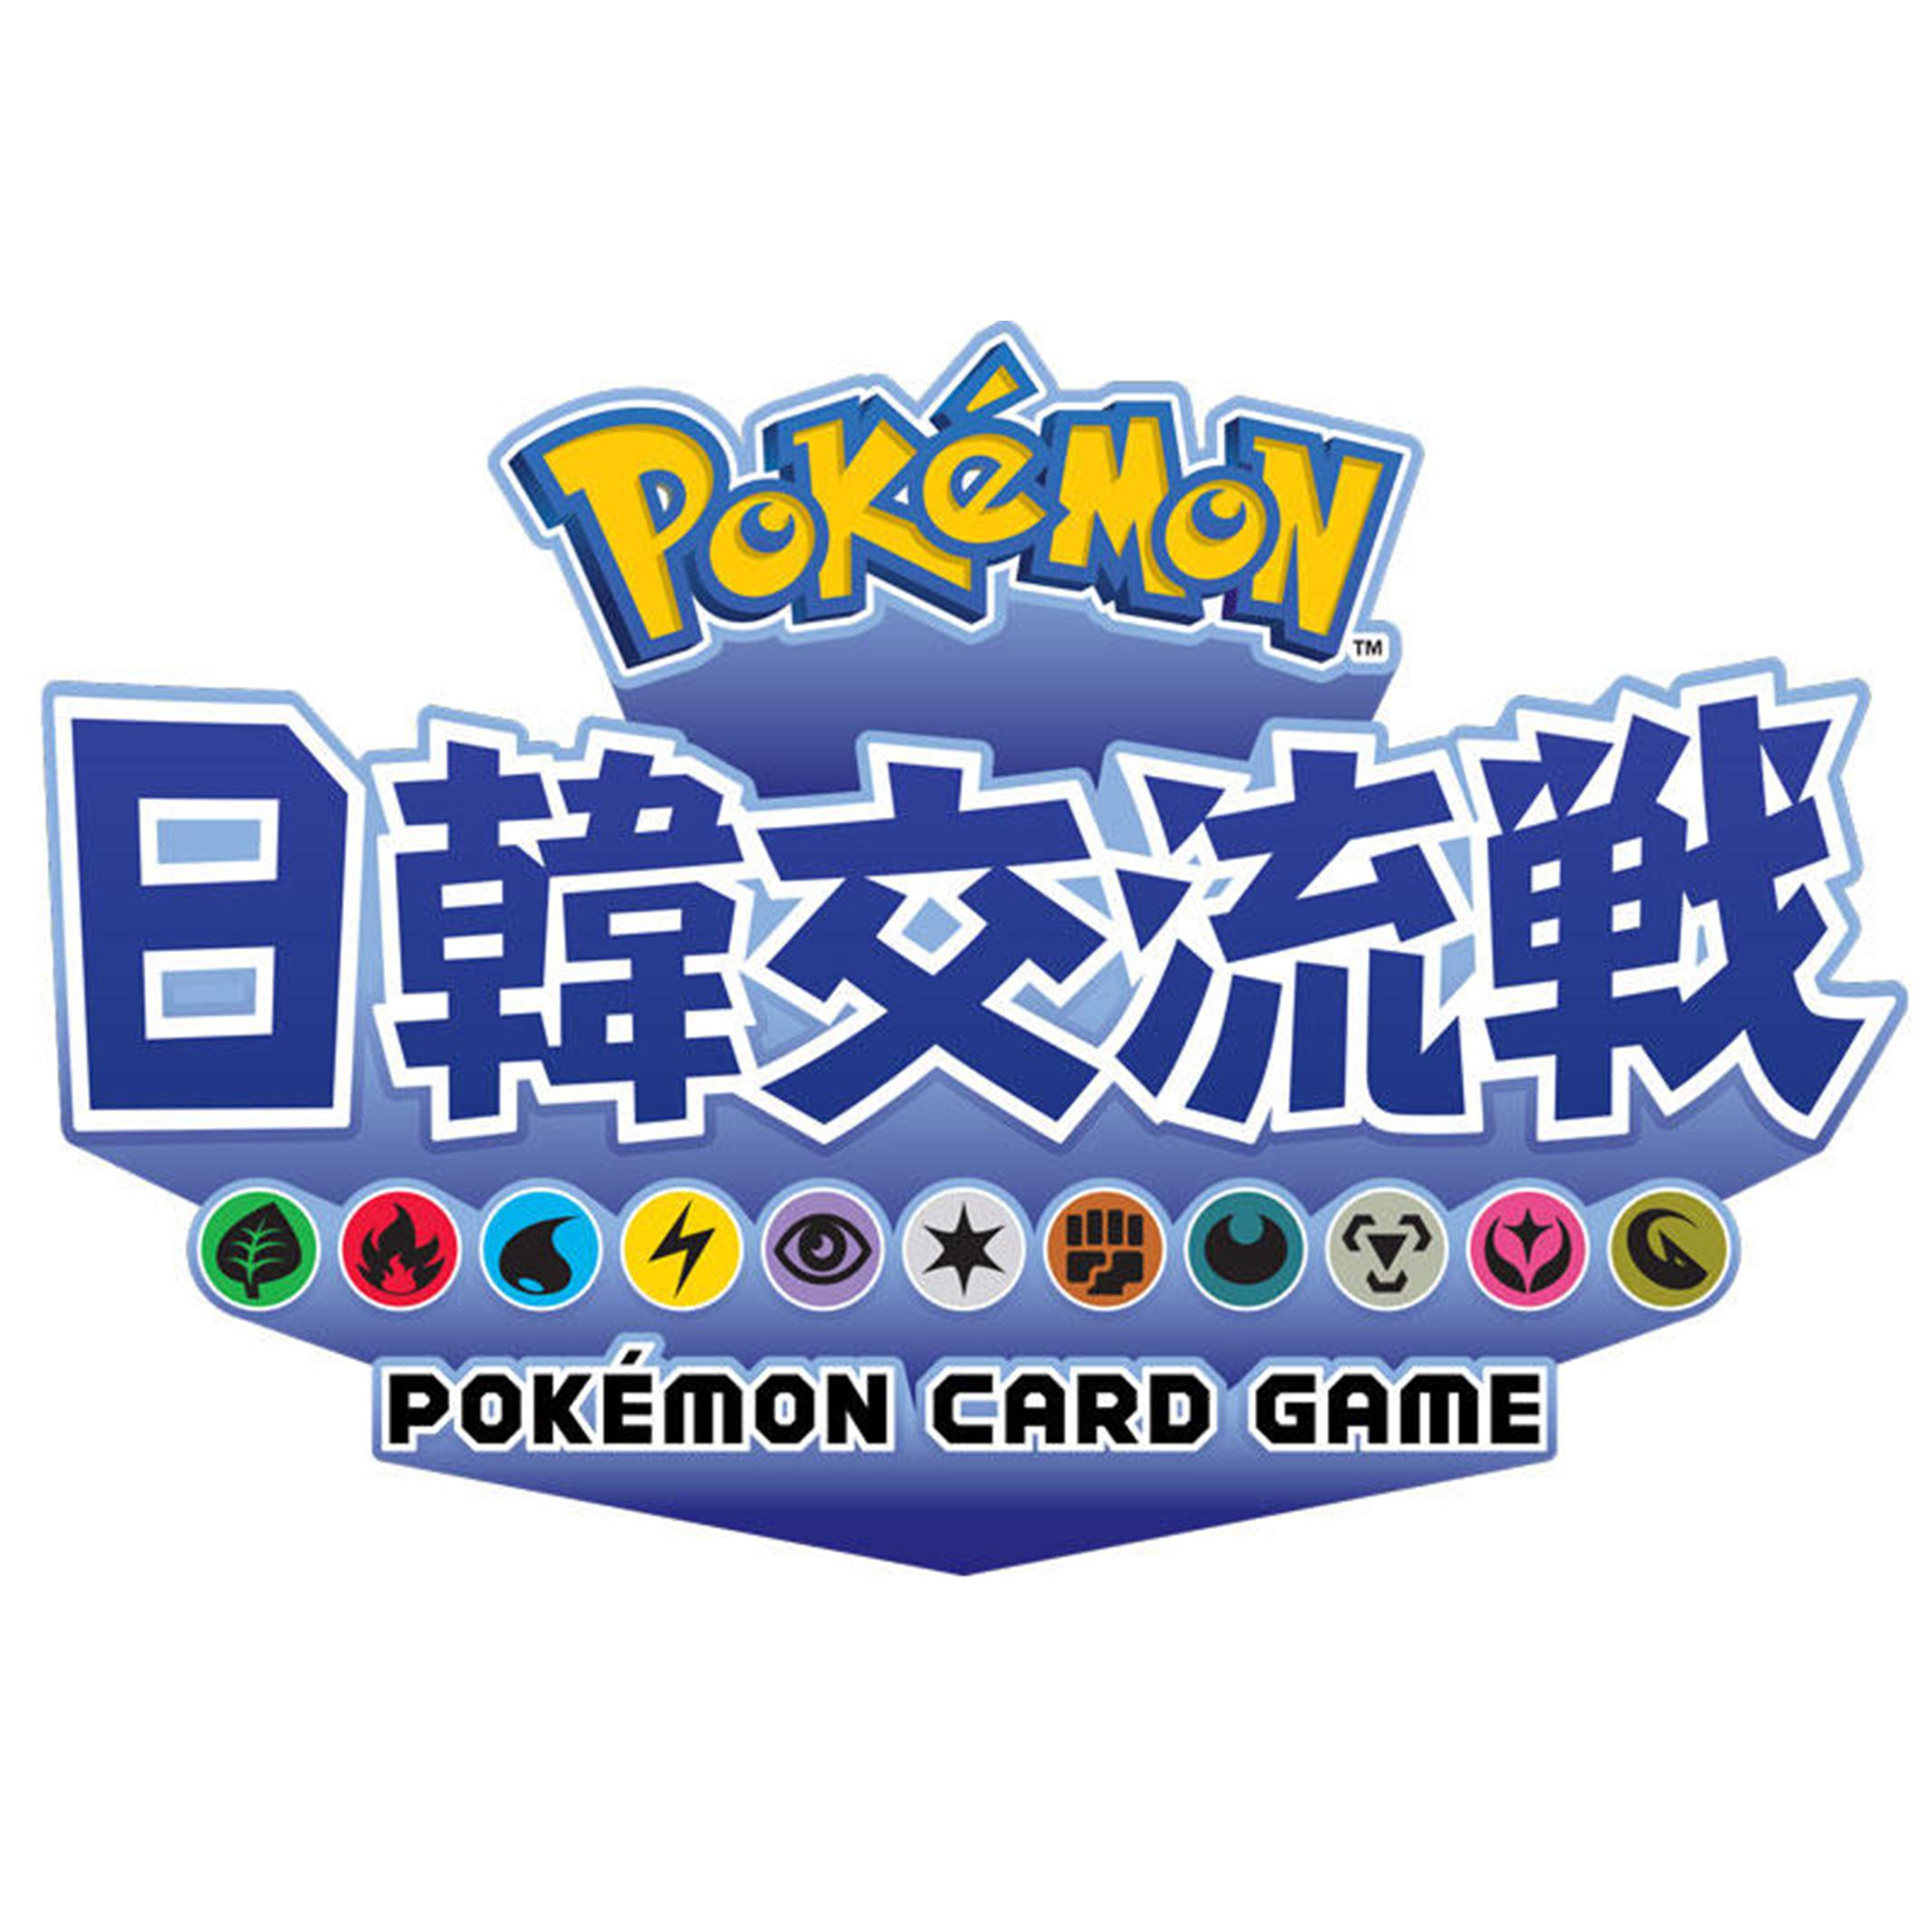 ポケモンカードゲーム公式ホームページ「トレーナーズウェブサイト」